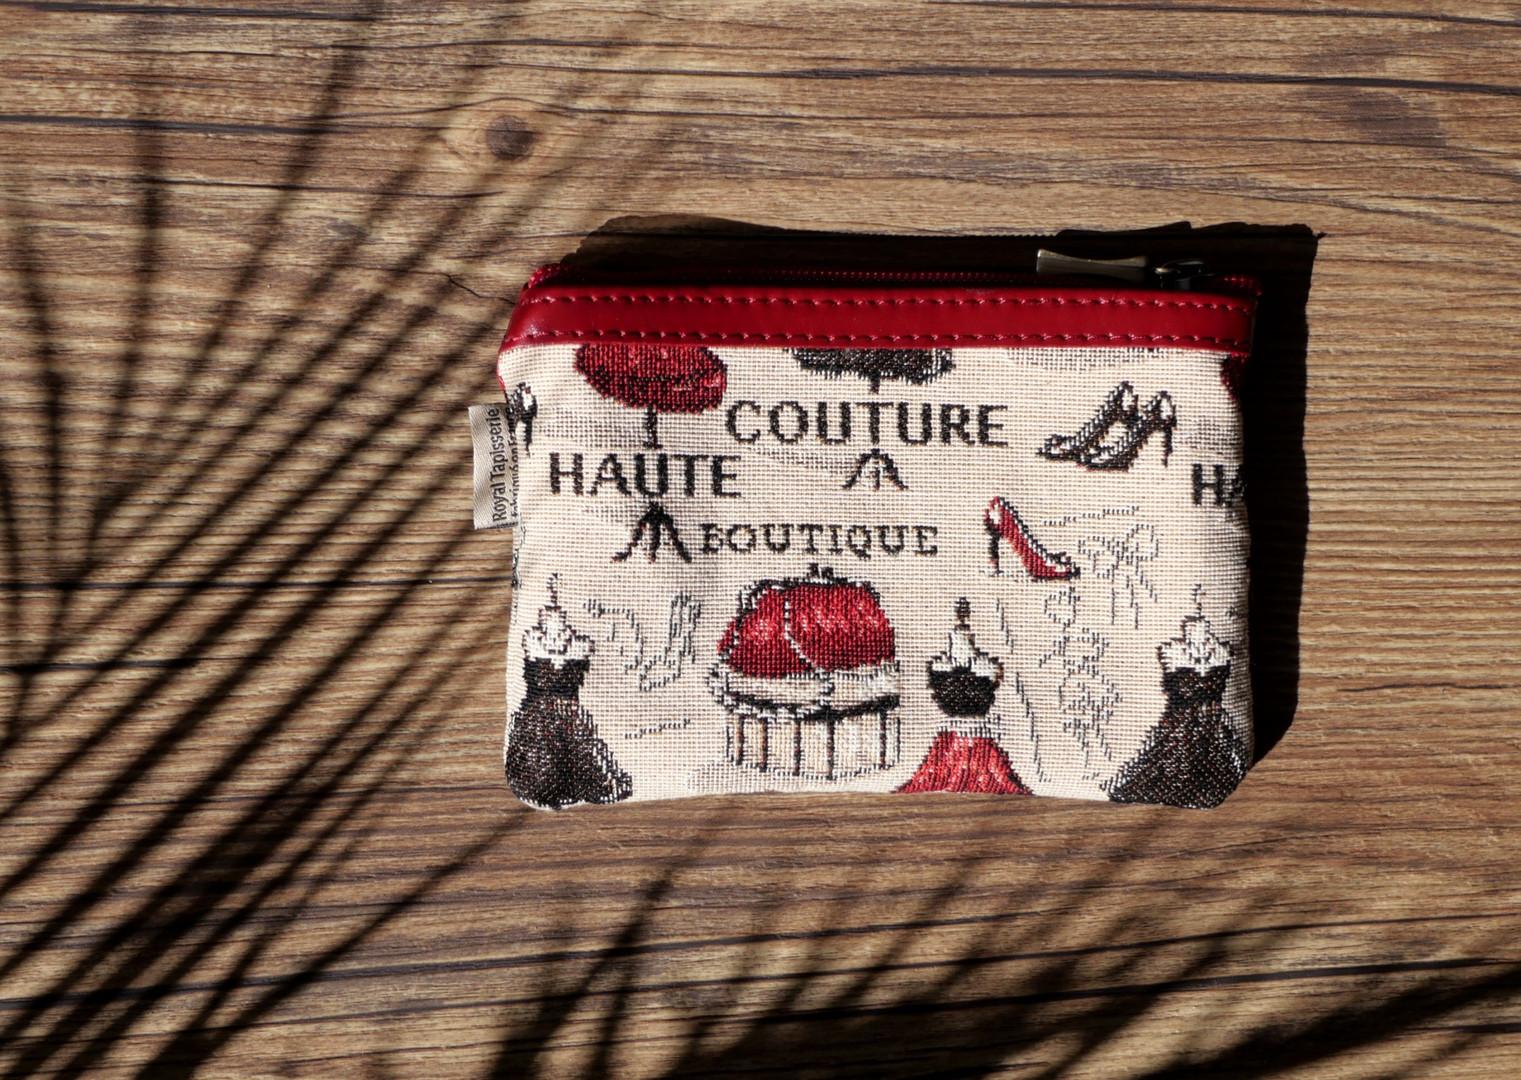 431.61 Pochette plate Maison de Couture